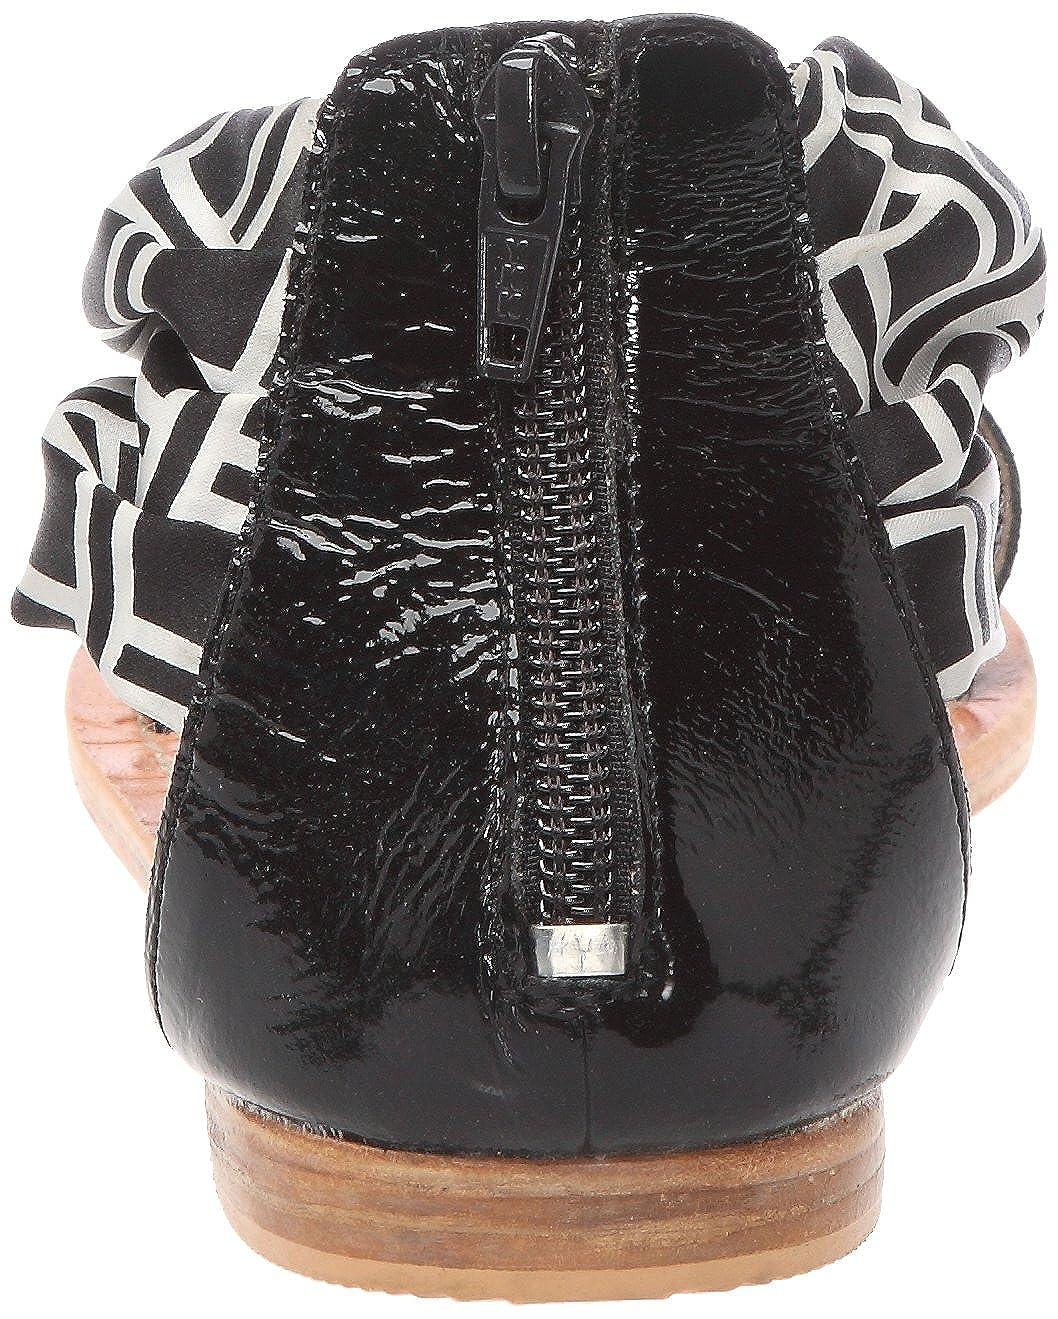 Farbes of California HCU325, Damen Schwarz Sandalen Schwarz Damen (Noir) a9a2b0